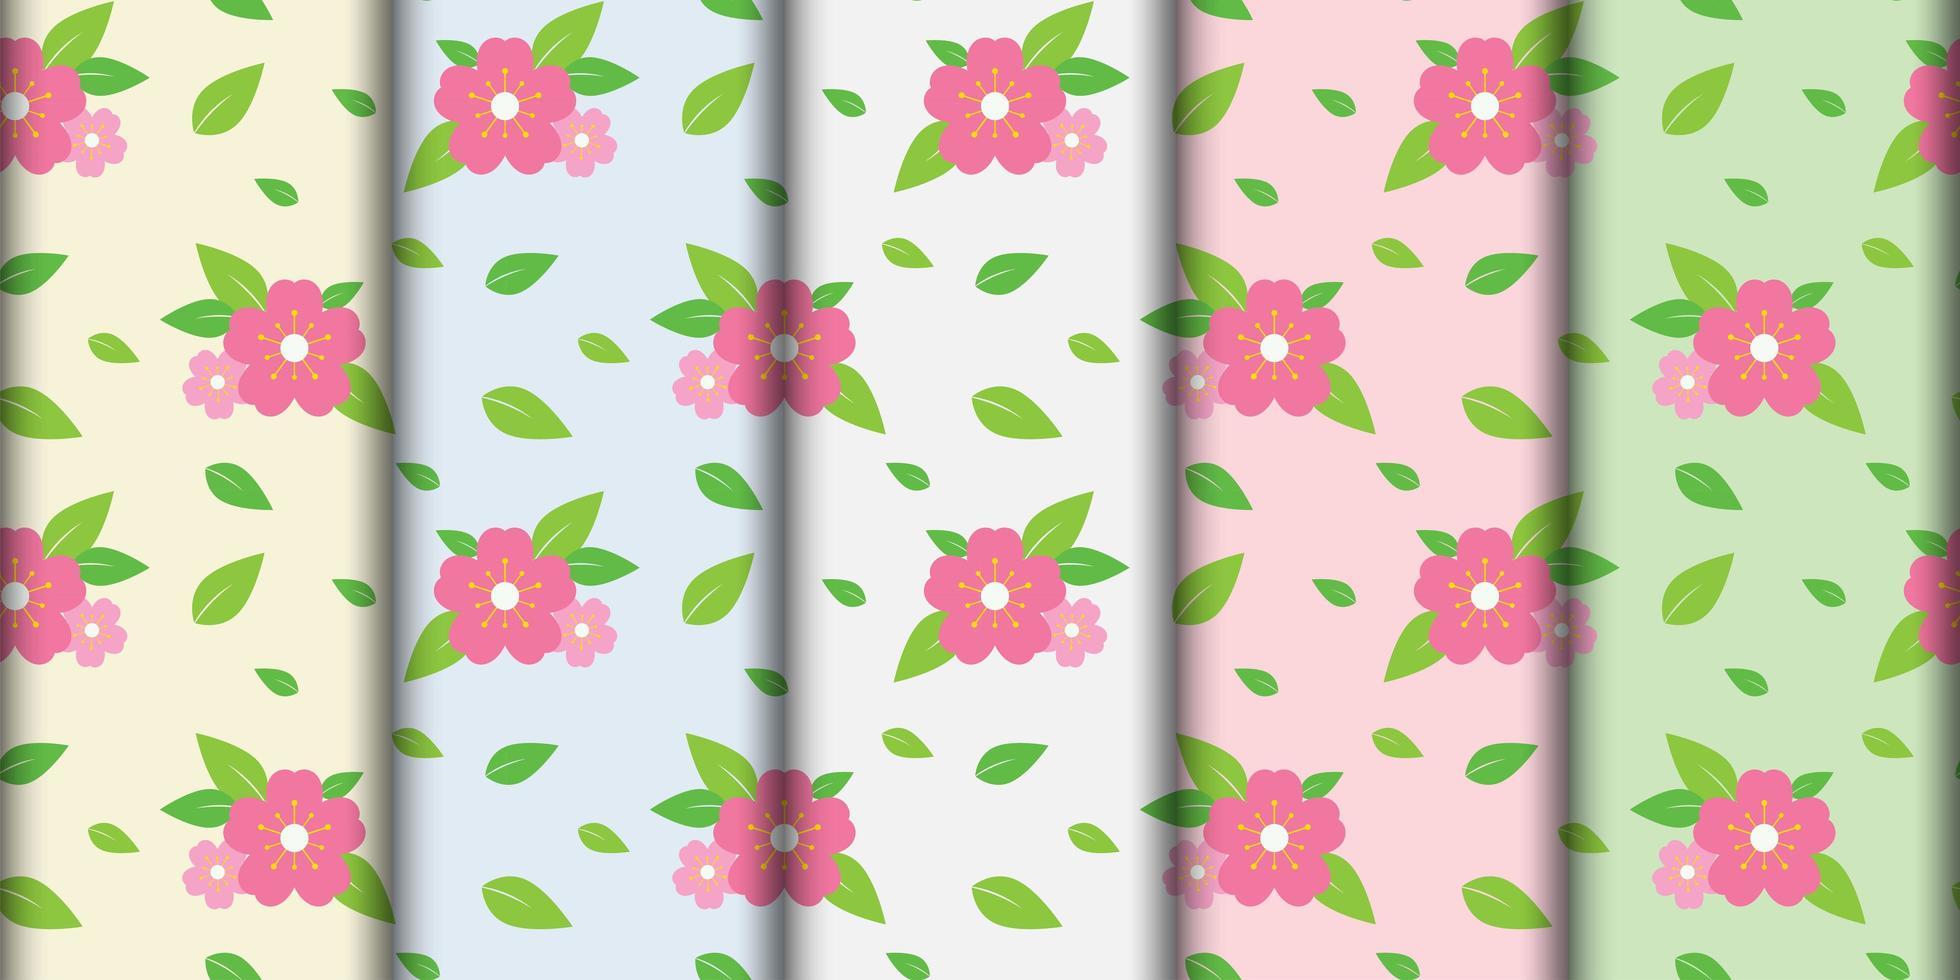 sömlös rosa blommönster set vektor